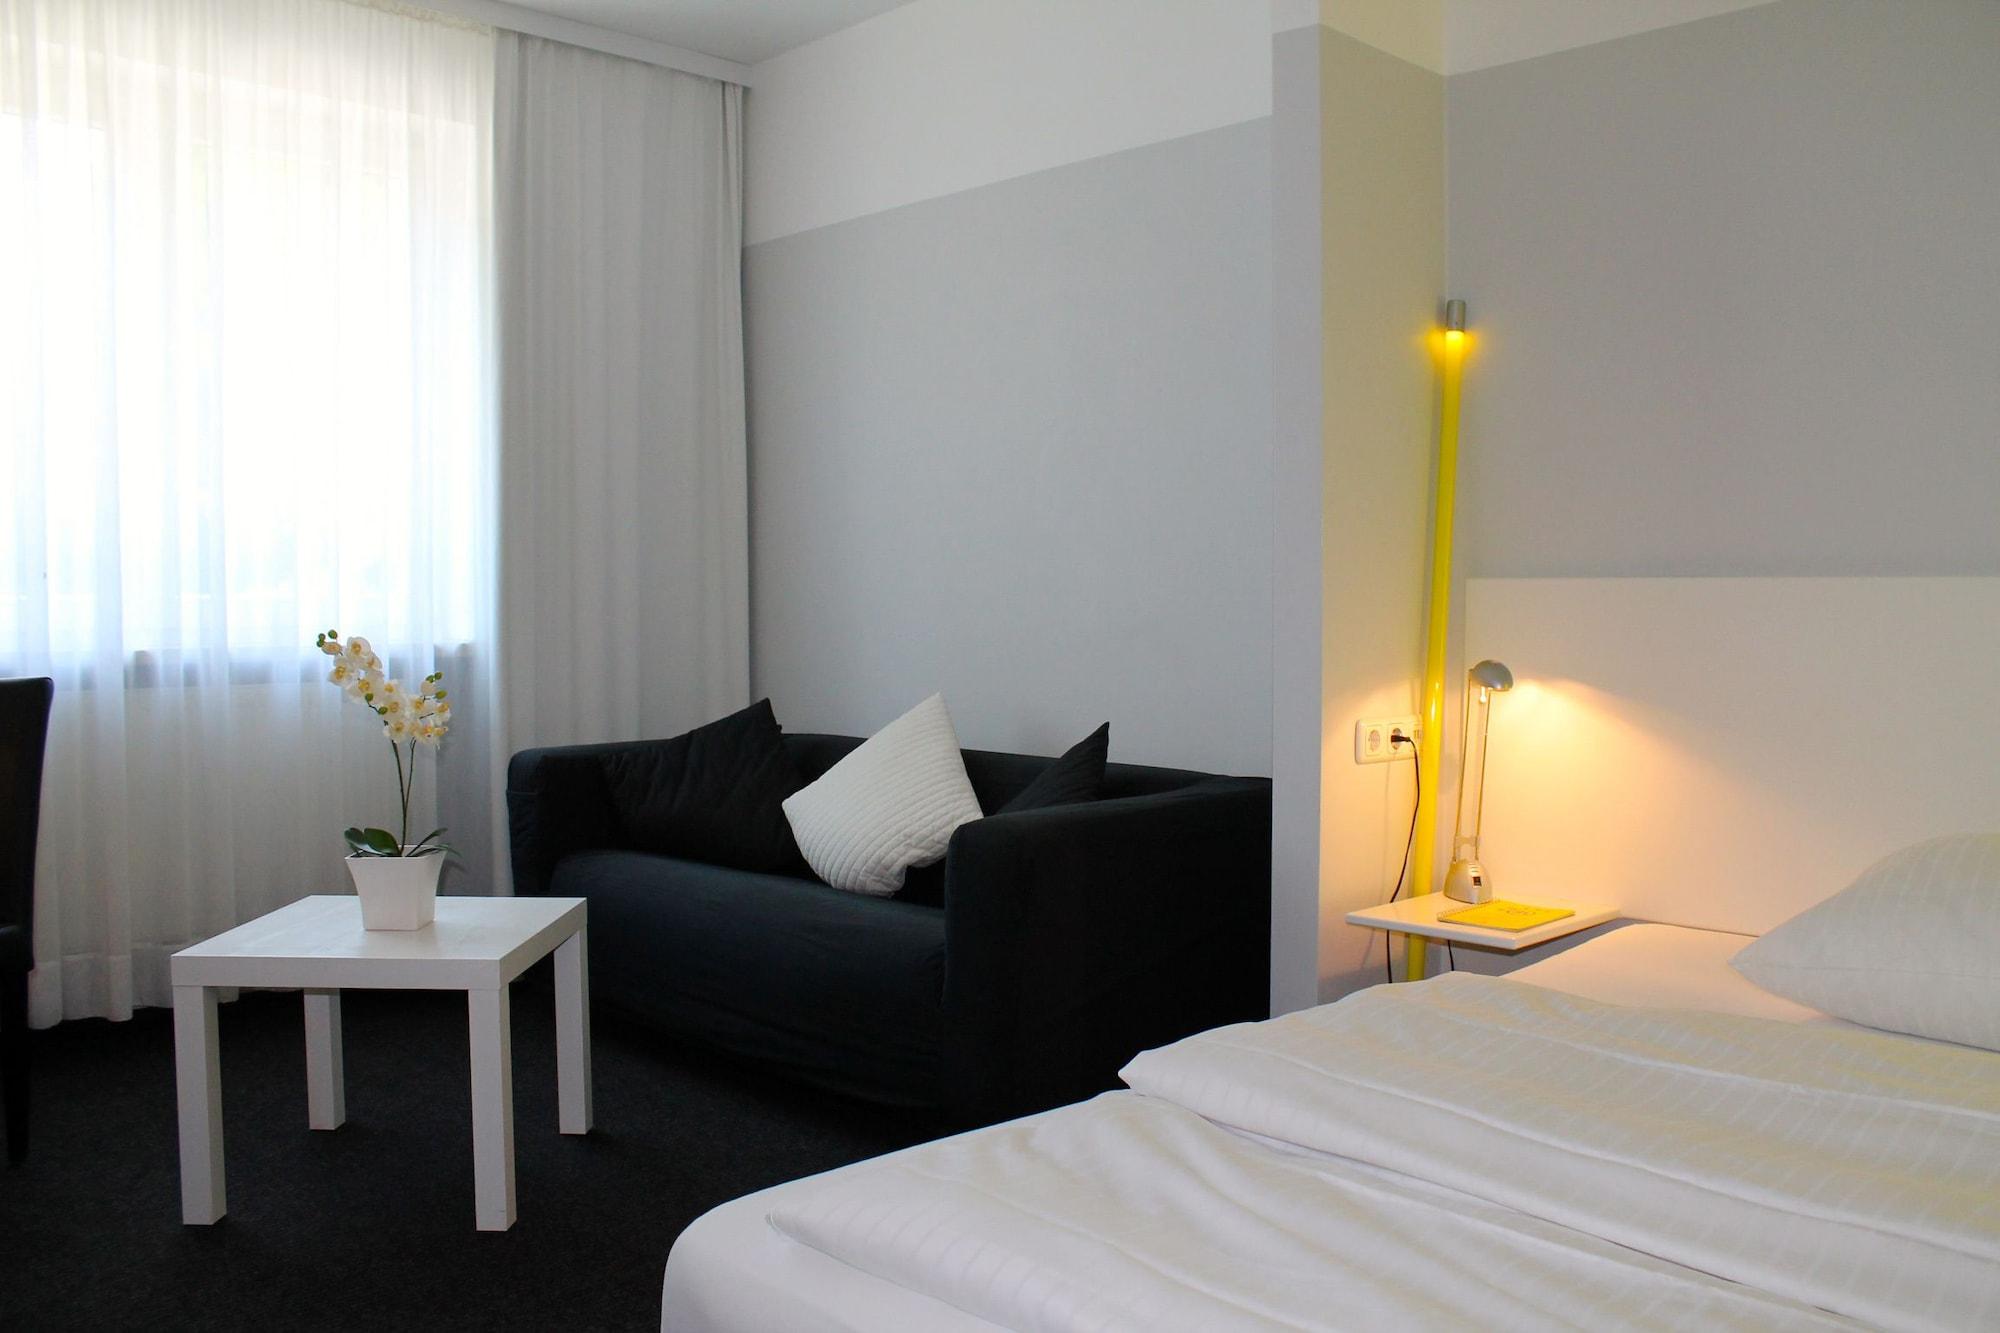 Hotel U. + Apartments, Mülheim an der Ruhr